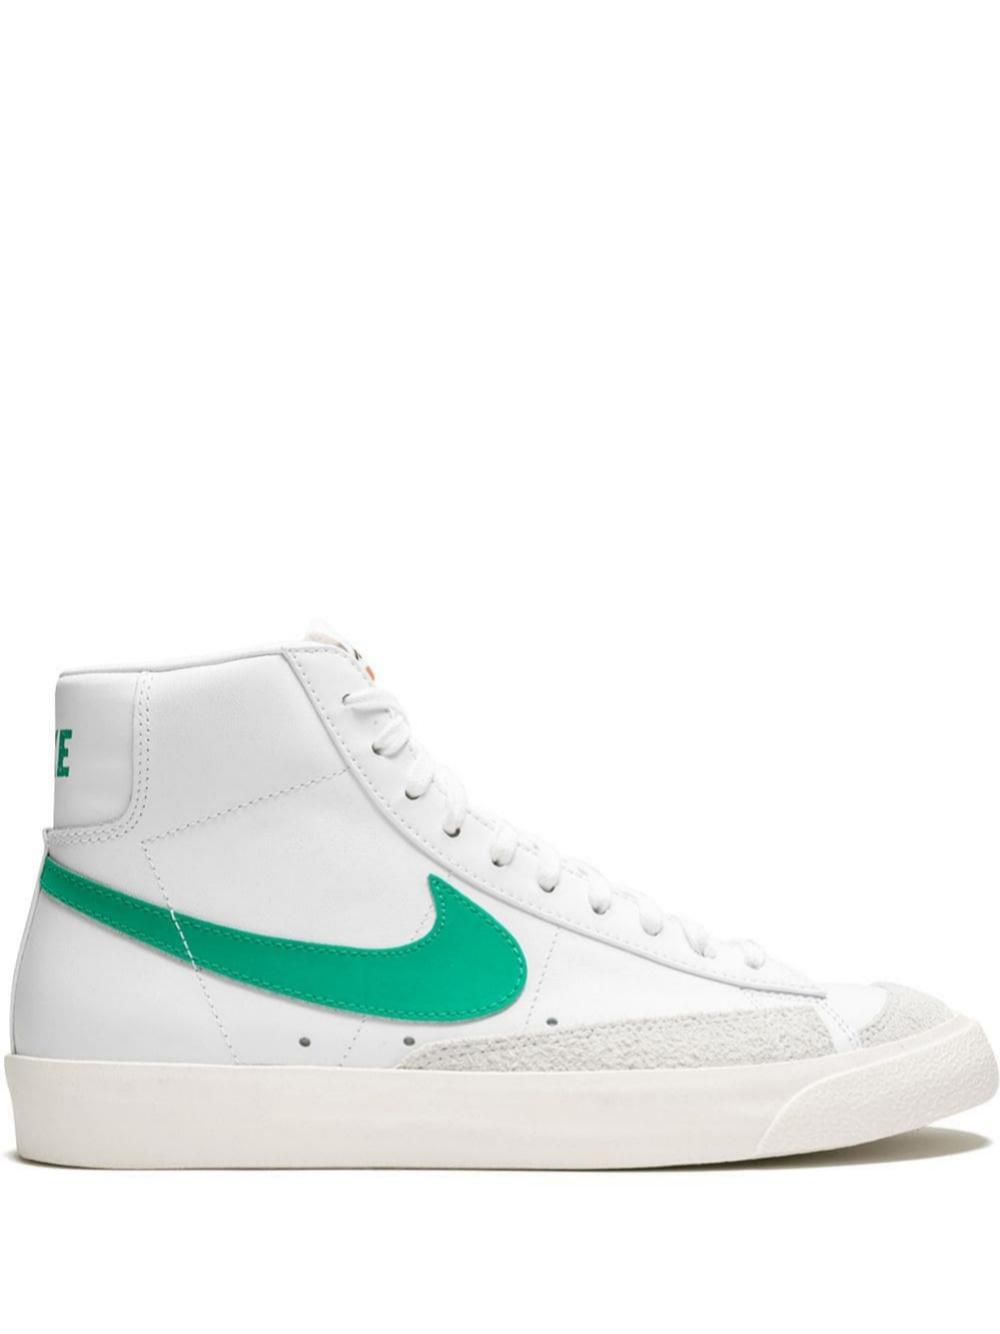 Zapatillas de caña alta tipo vintage modelo Glaze de Nike para...